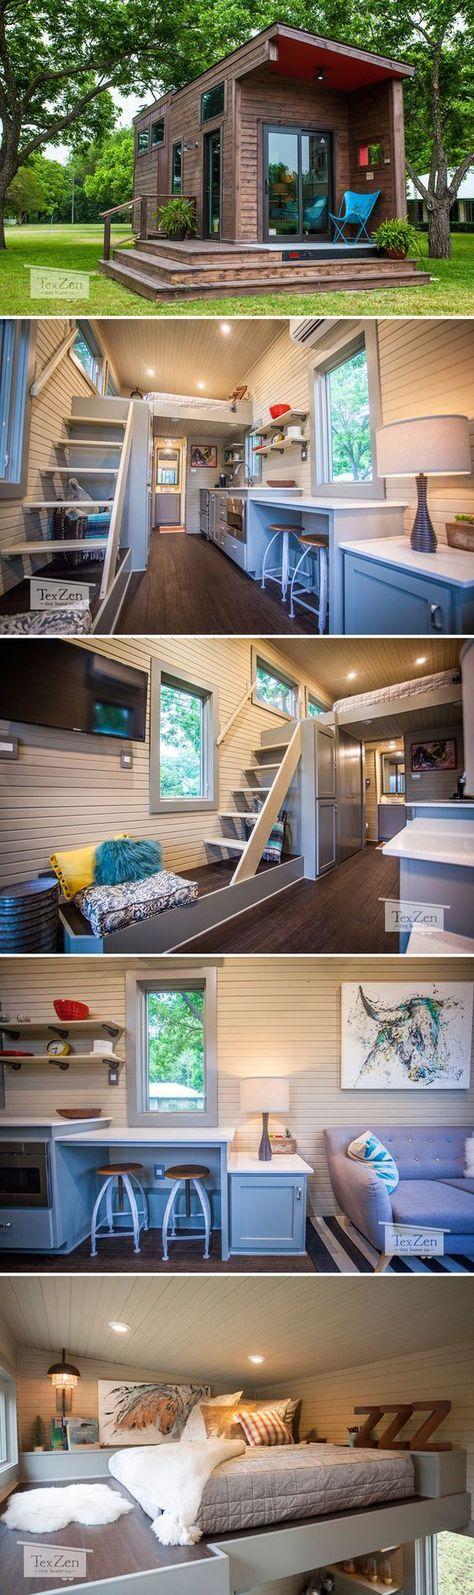 Single Loft by TexZen Tiny Home Co. #casaspequeñas